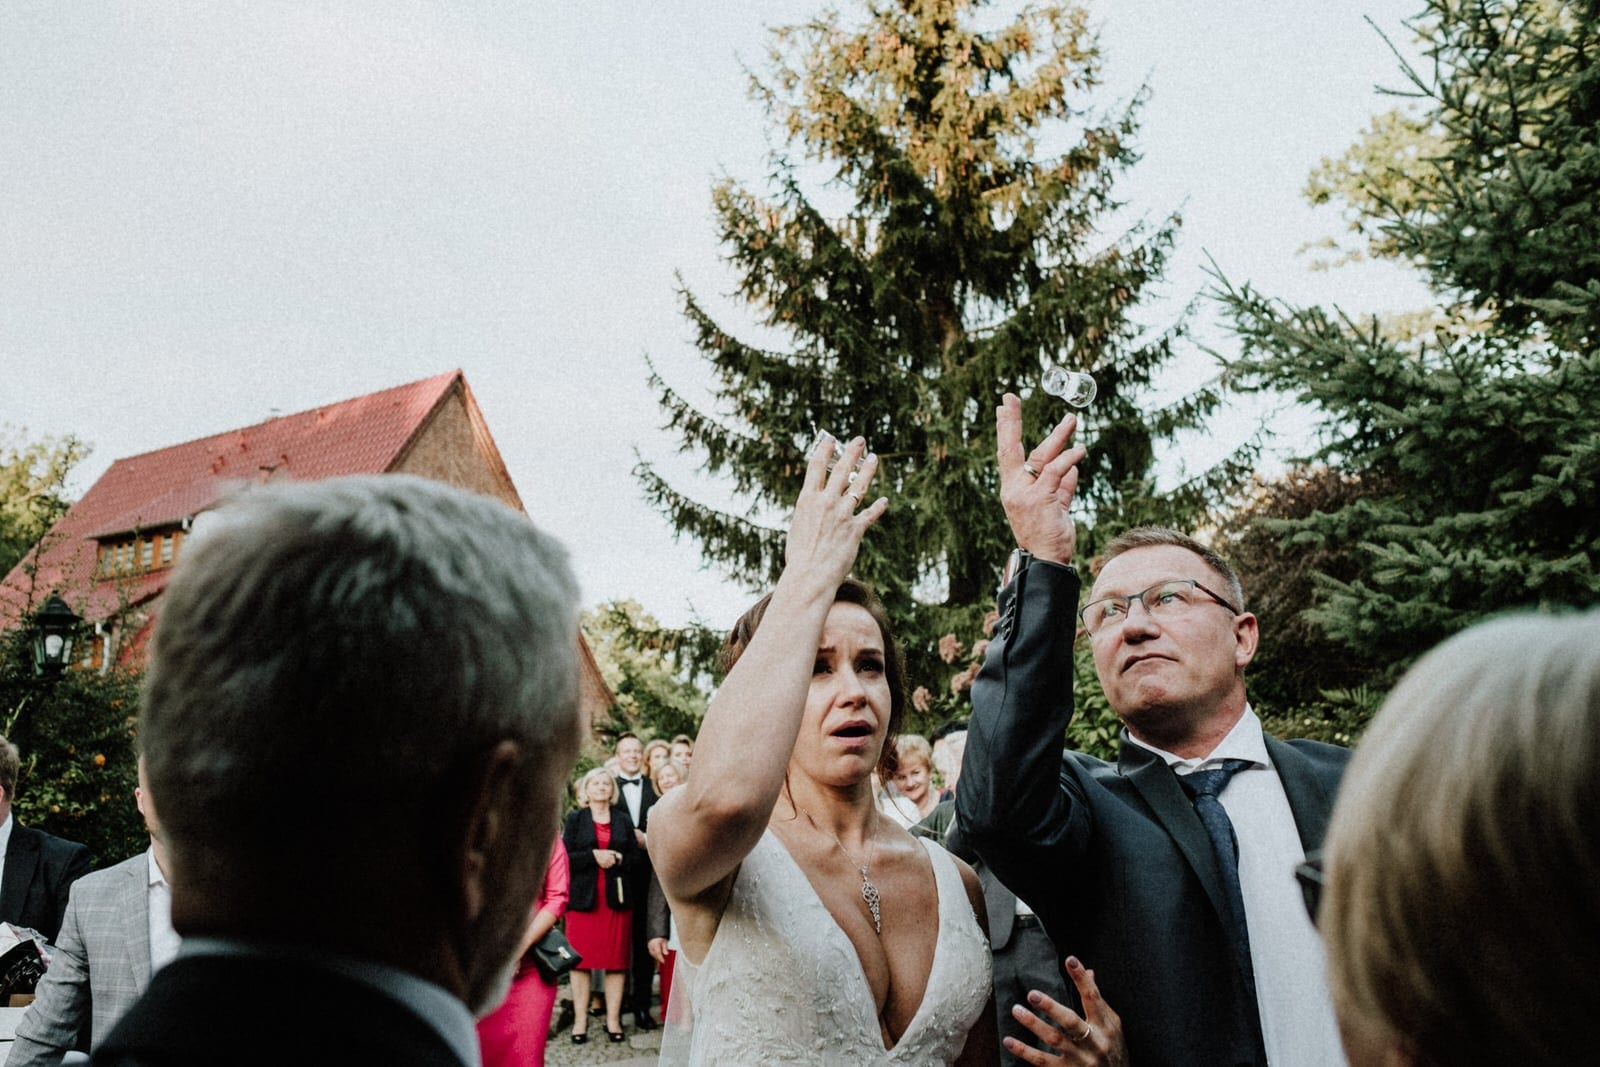 Ślub w plenerze w zachodniopomorskim ślub w plenerze pomorskie zachodniopomorskie